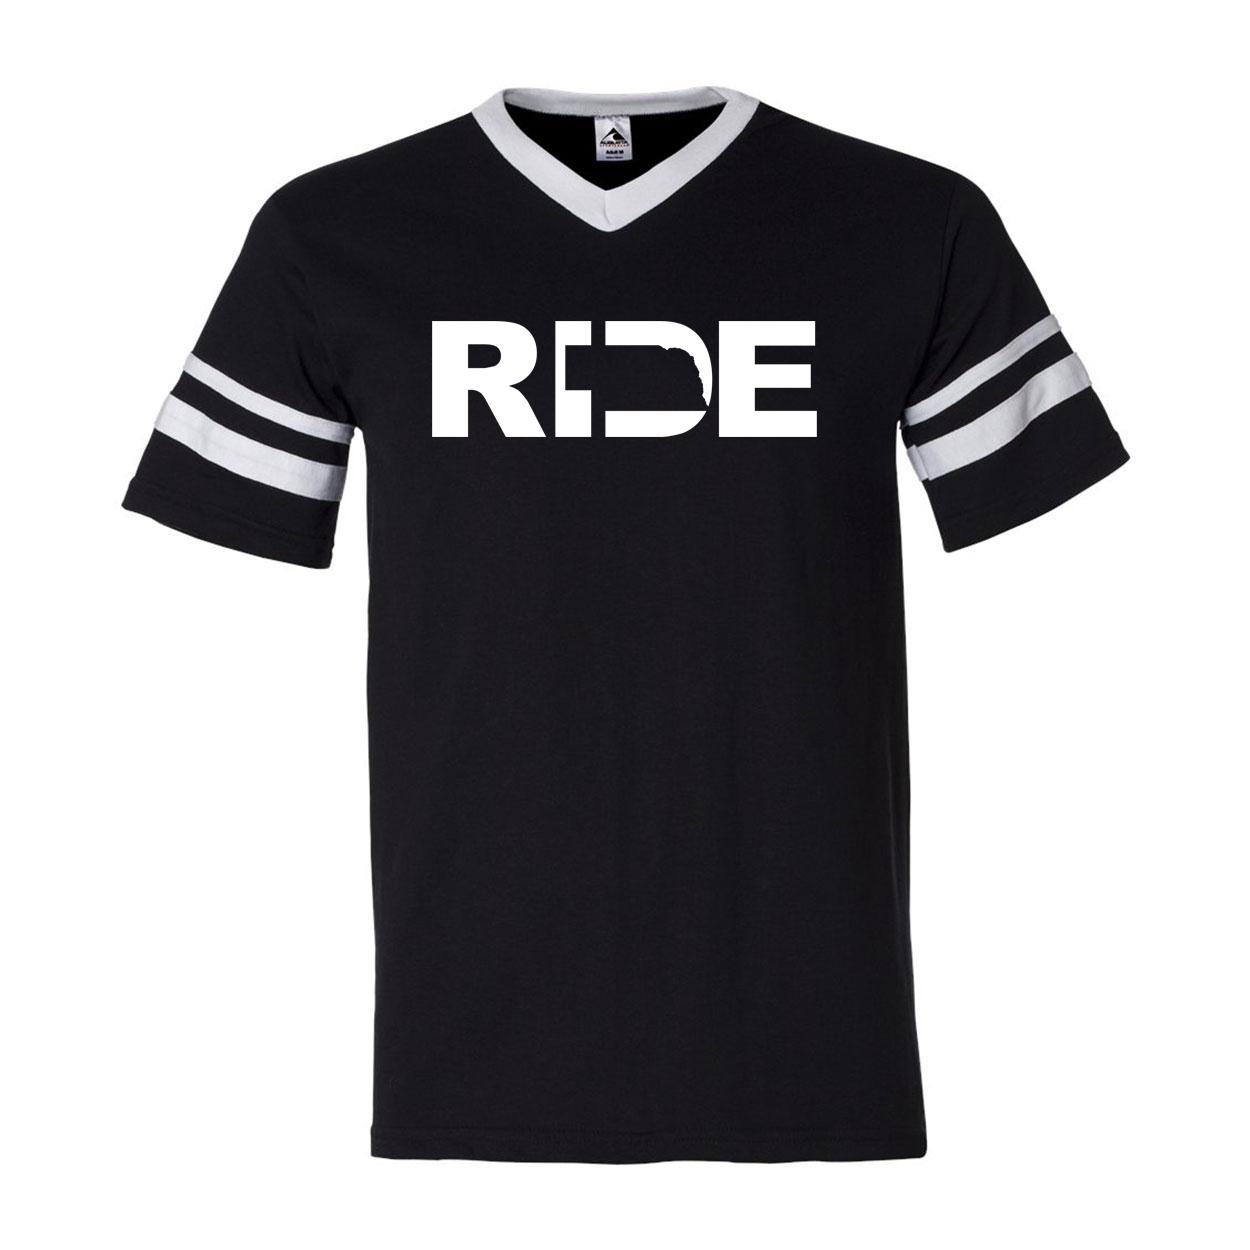 Ride Nebraska Classic Premium Striped Jersey T-Shirt Black/White (White Logo)